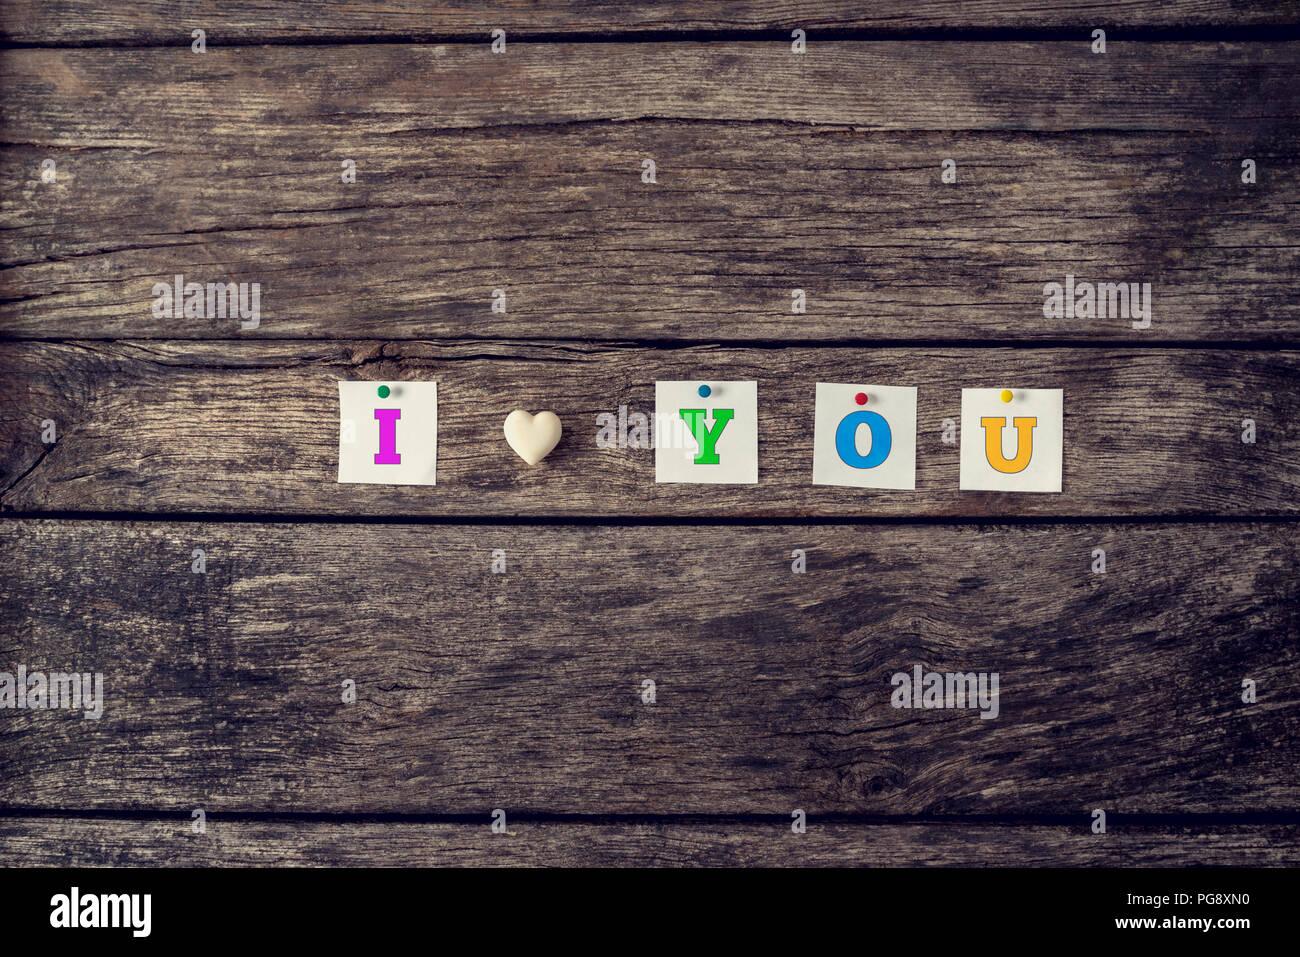 Ich lieb dich uberhaupt nicht mehr hintergrund